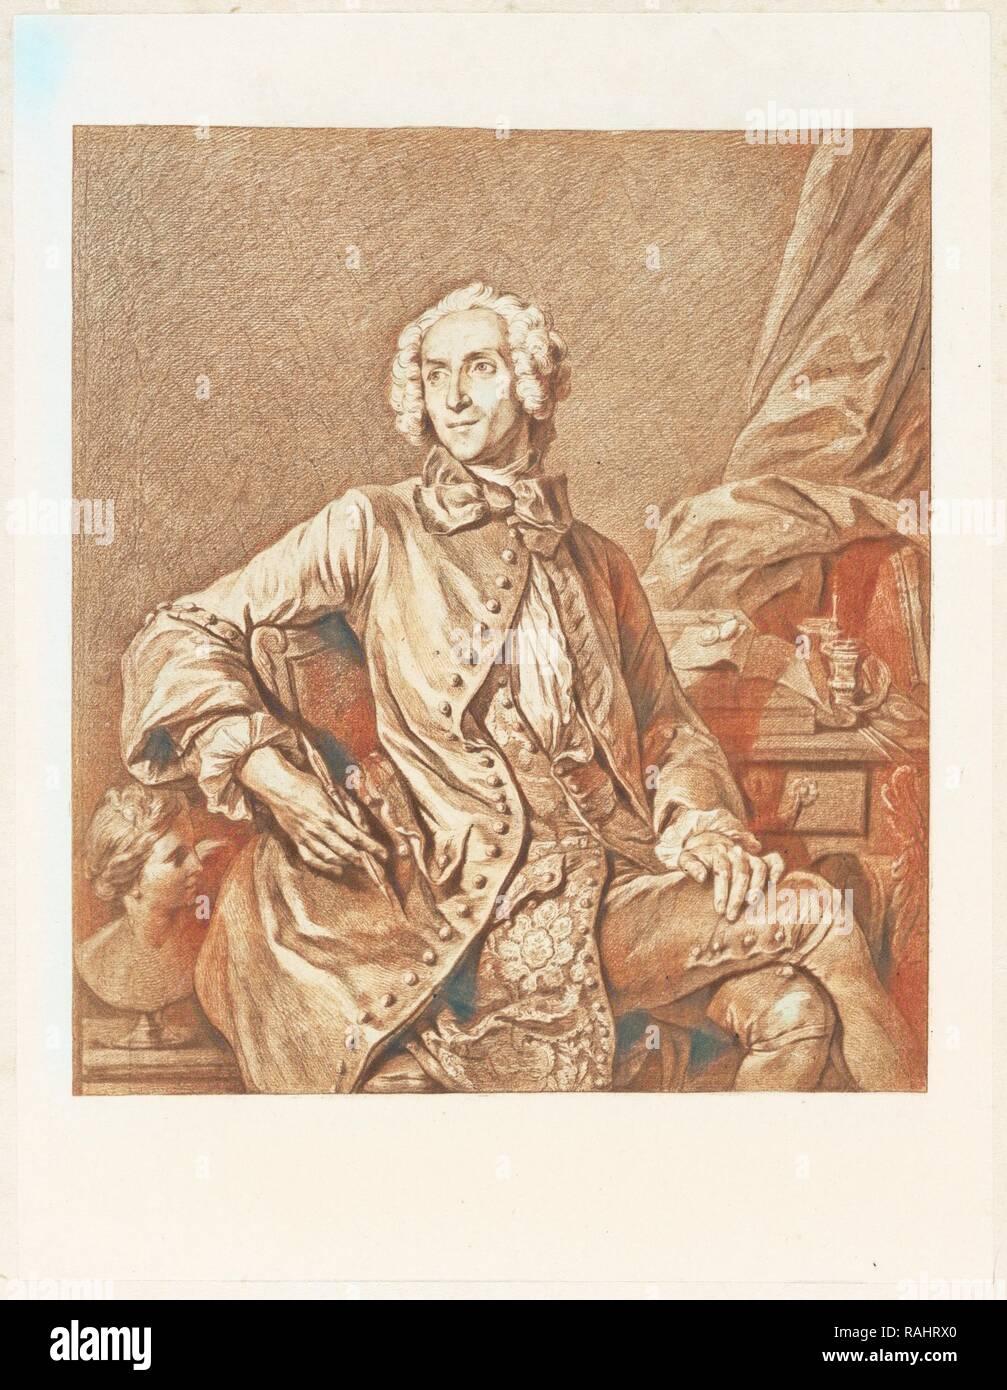 Self-portrait of the artist, Un artiste oublié: J. B. Massé, peintre de Louis XV, dessinateur, graveur, Massé, Jean reimagined - Stock Image